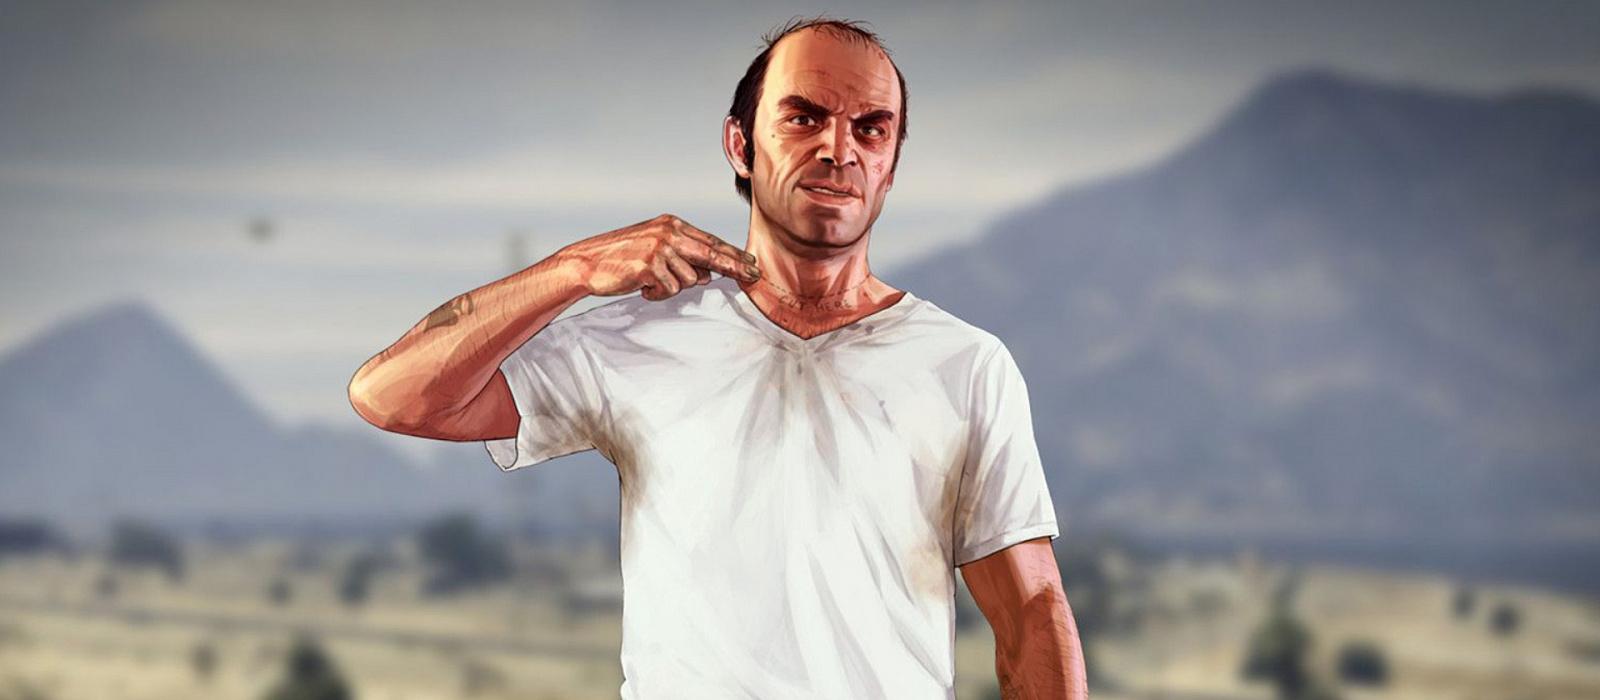 GTA-Spieler rannte nackt auf die Straße und hatte Streit mit einem Kriminellen